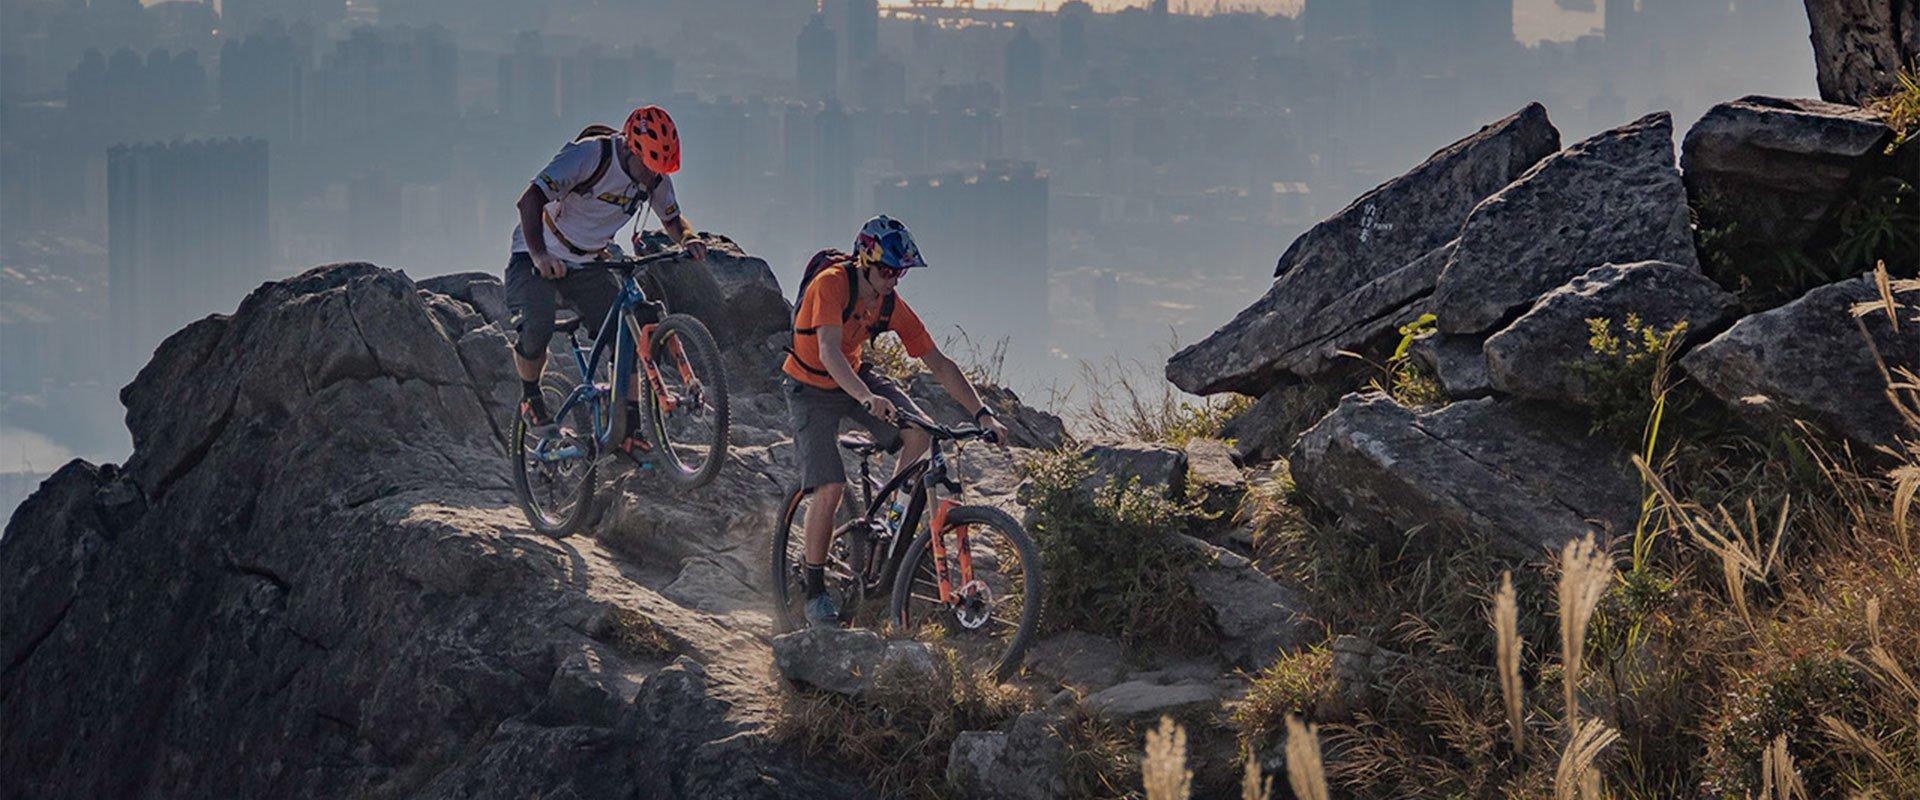 vimff mountain bike hans rey title bg